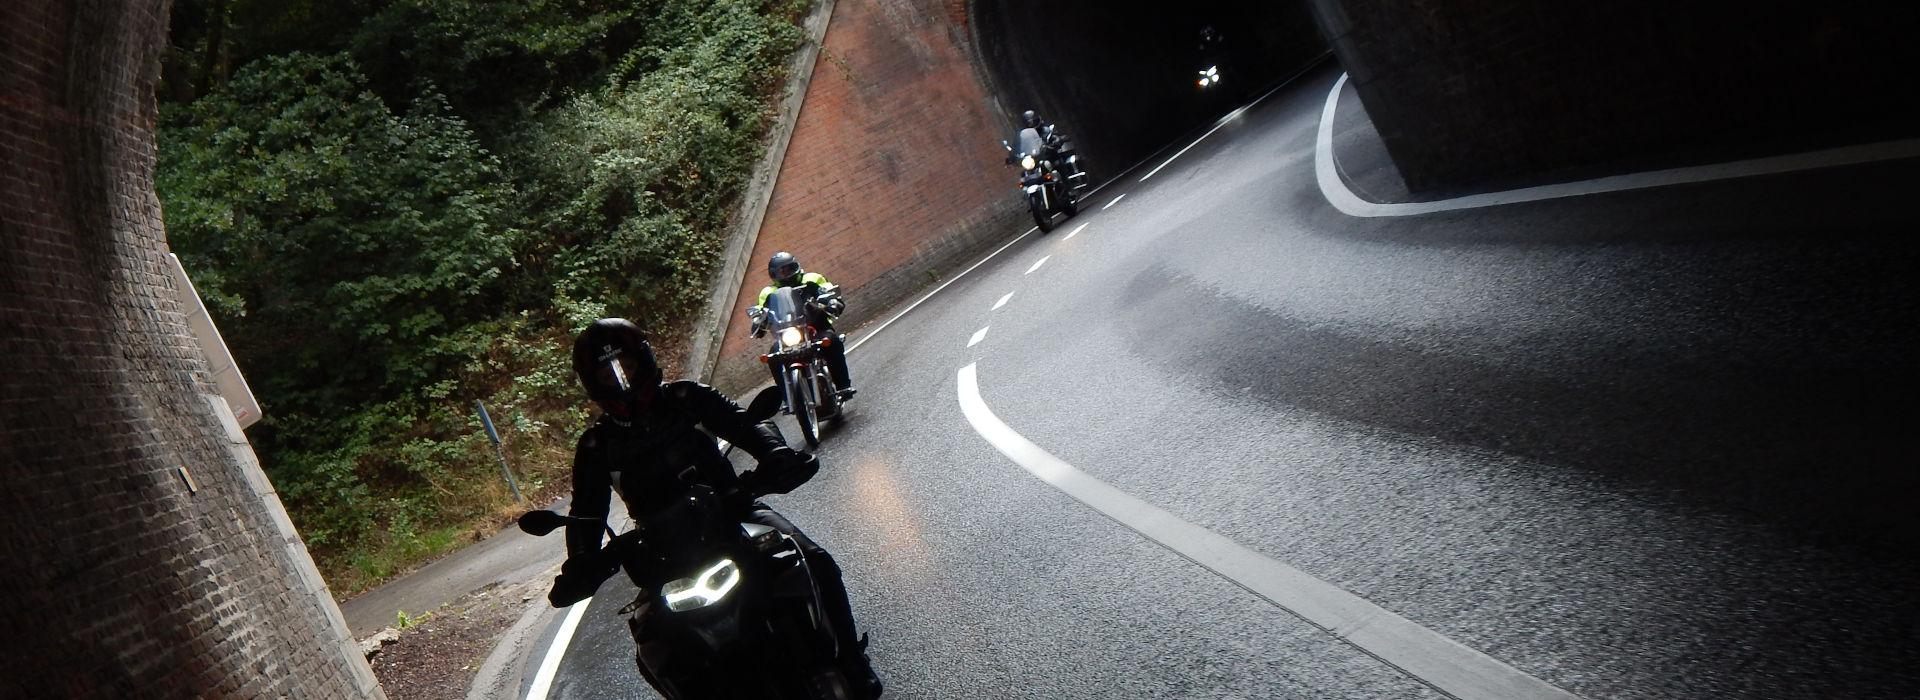 Motorrijschool Motorrijbewijspoint Puttershoek motorrijlessen